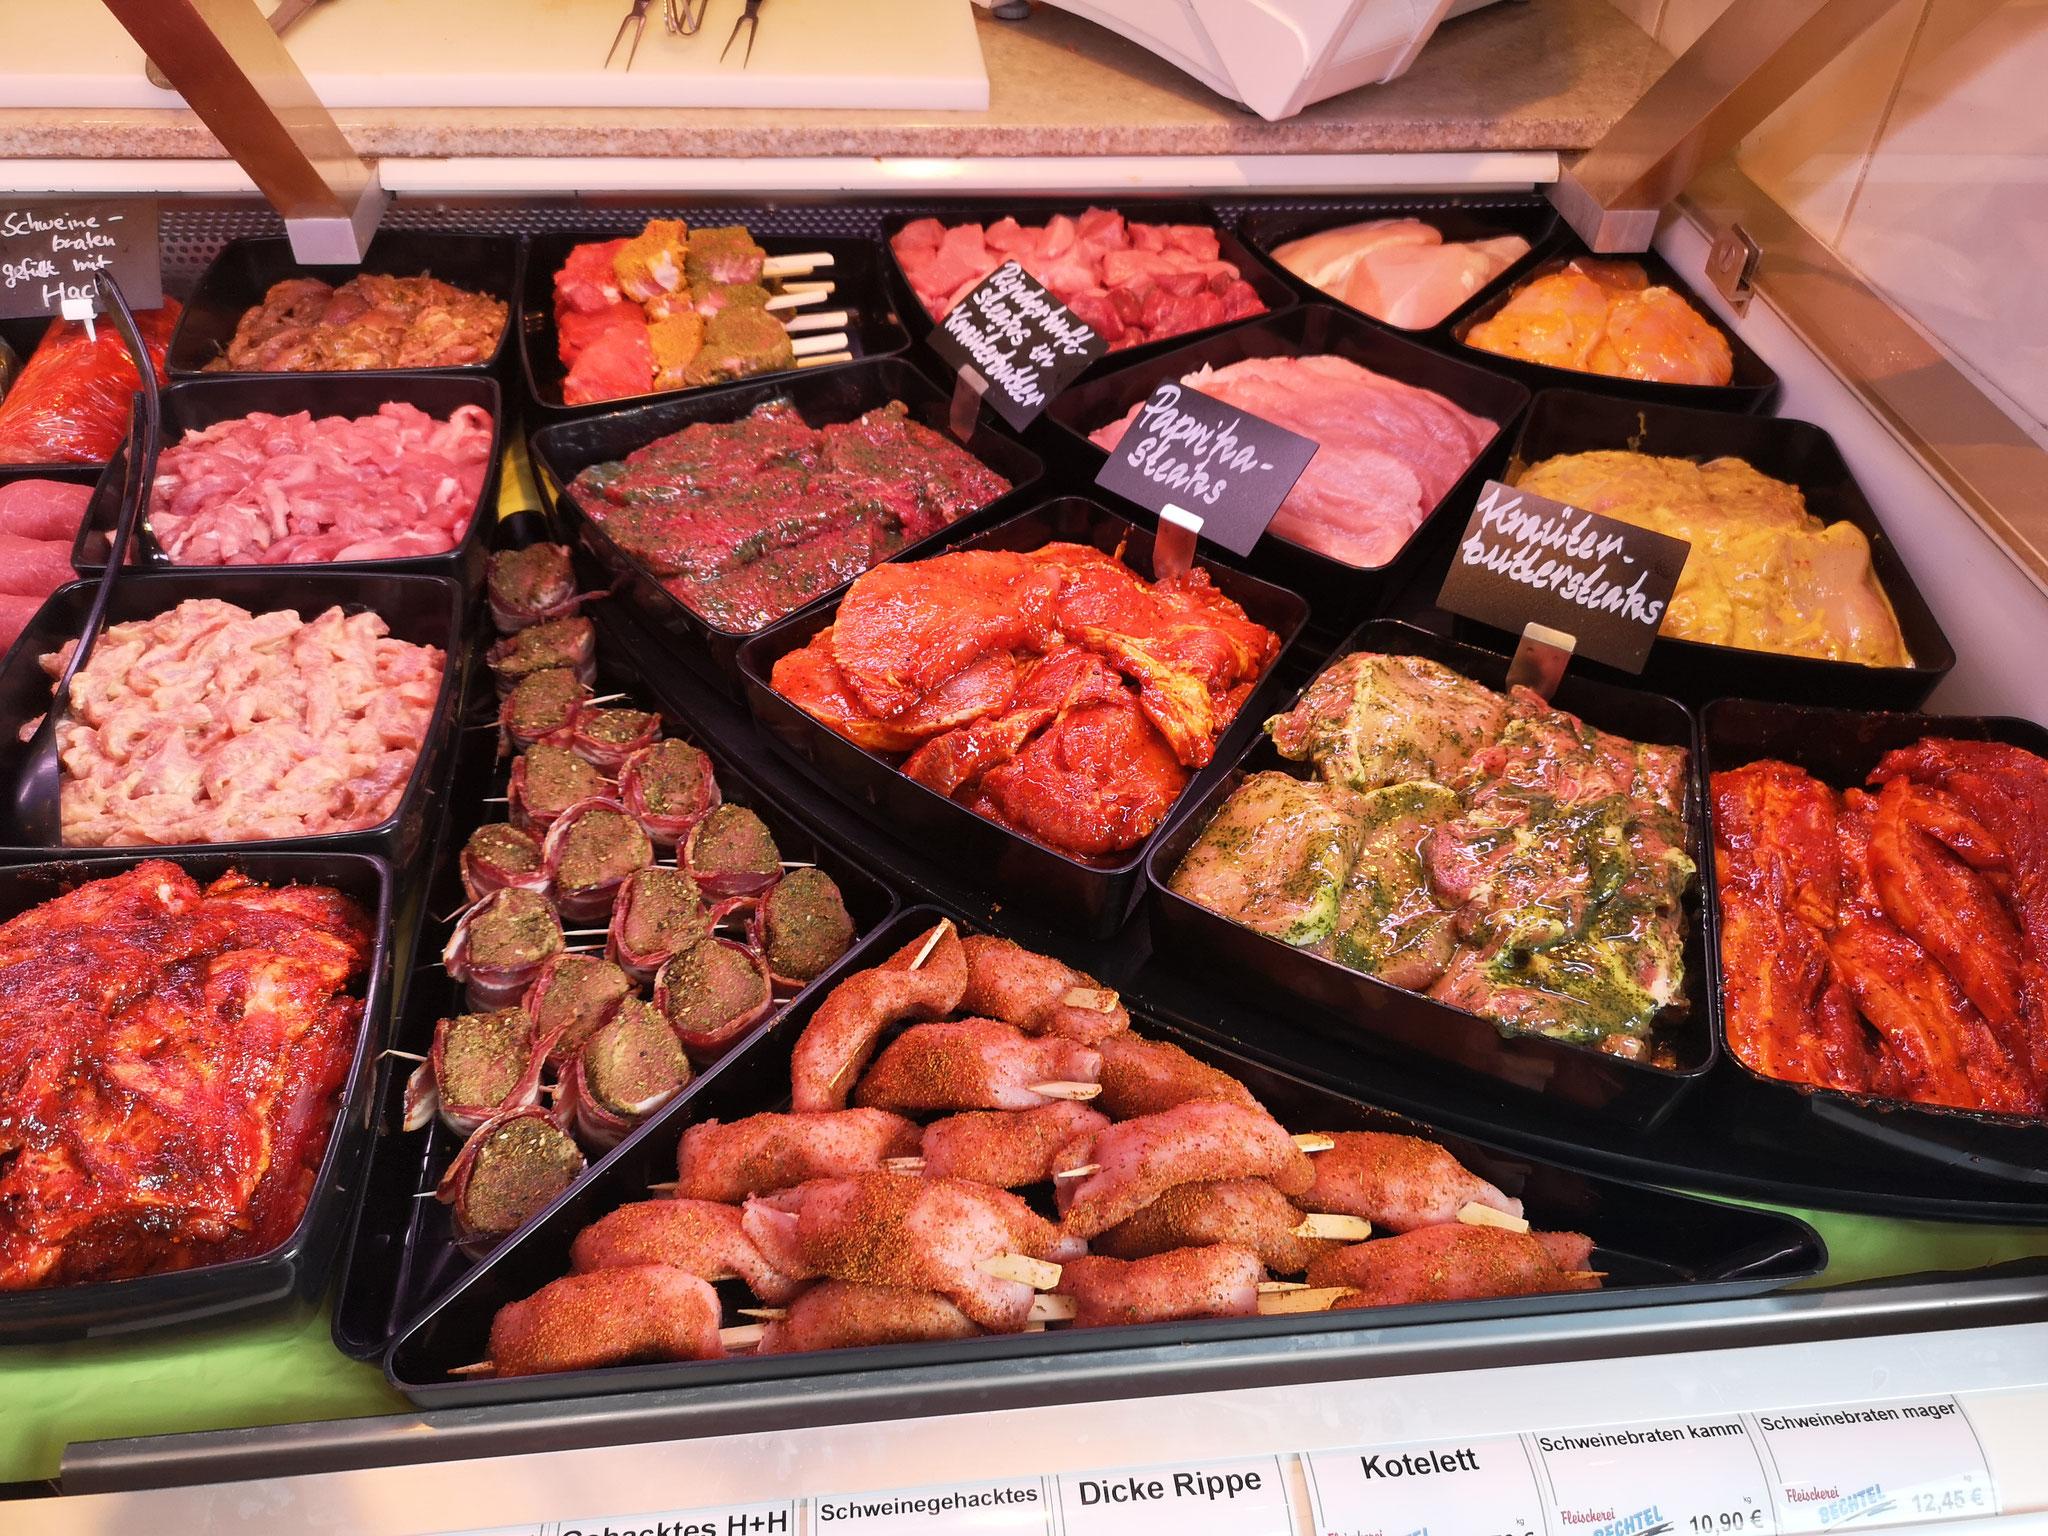 Grillfleisch - Fleischerei Bechtel - BBQ Grillfest